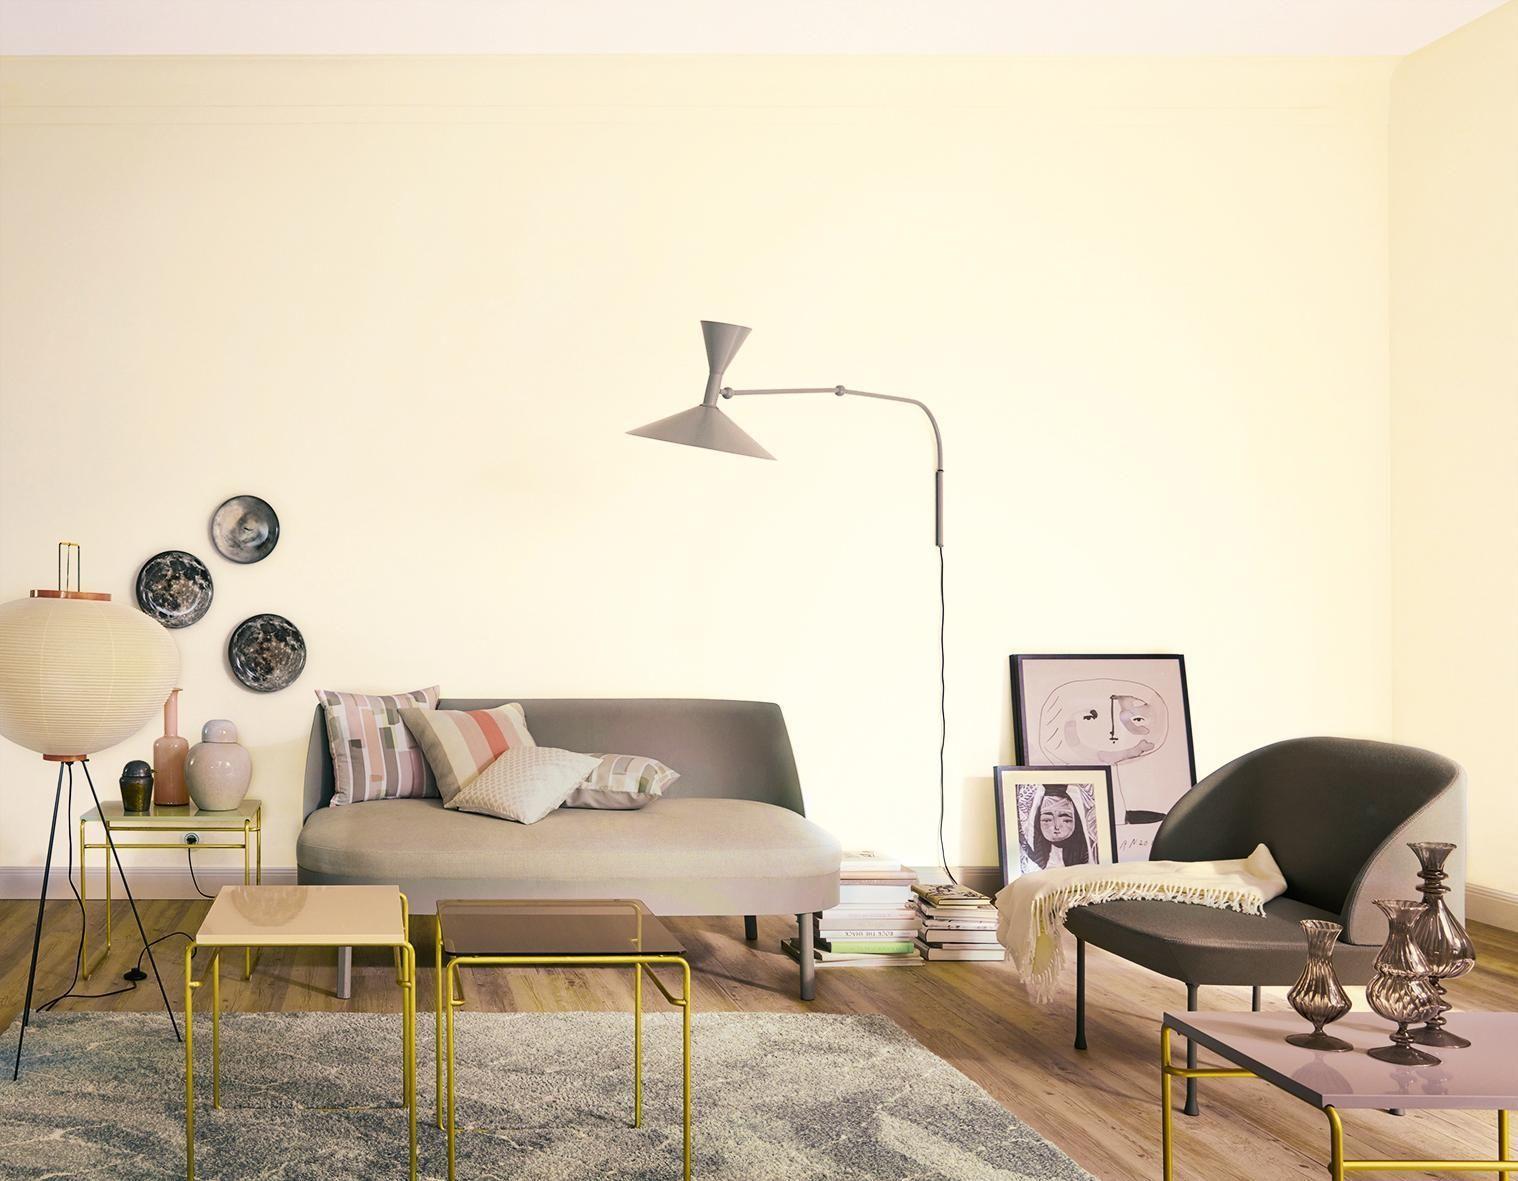 Cashmere Schoner Wohnen Trendfarbe Wandfarbe Teppich Wohnzimmer Bilderrahmen Wandgestaltung Stehla Schoner Wohnen Trendfarbe Schoner Wohnen Farbe Wohnen